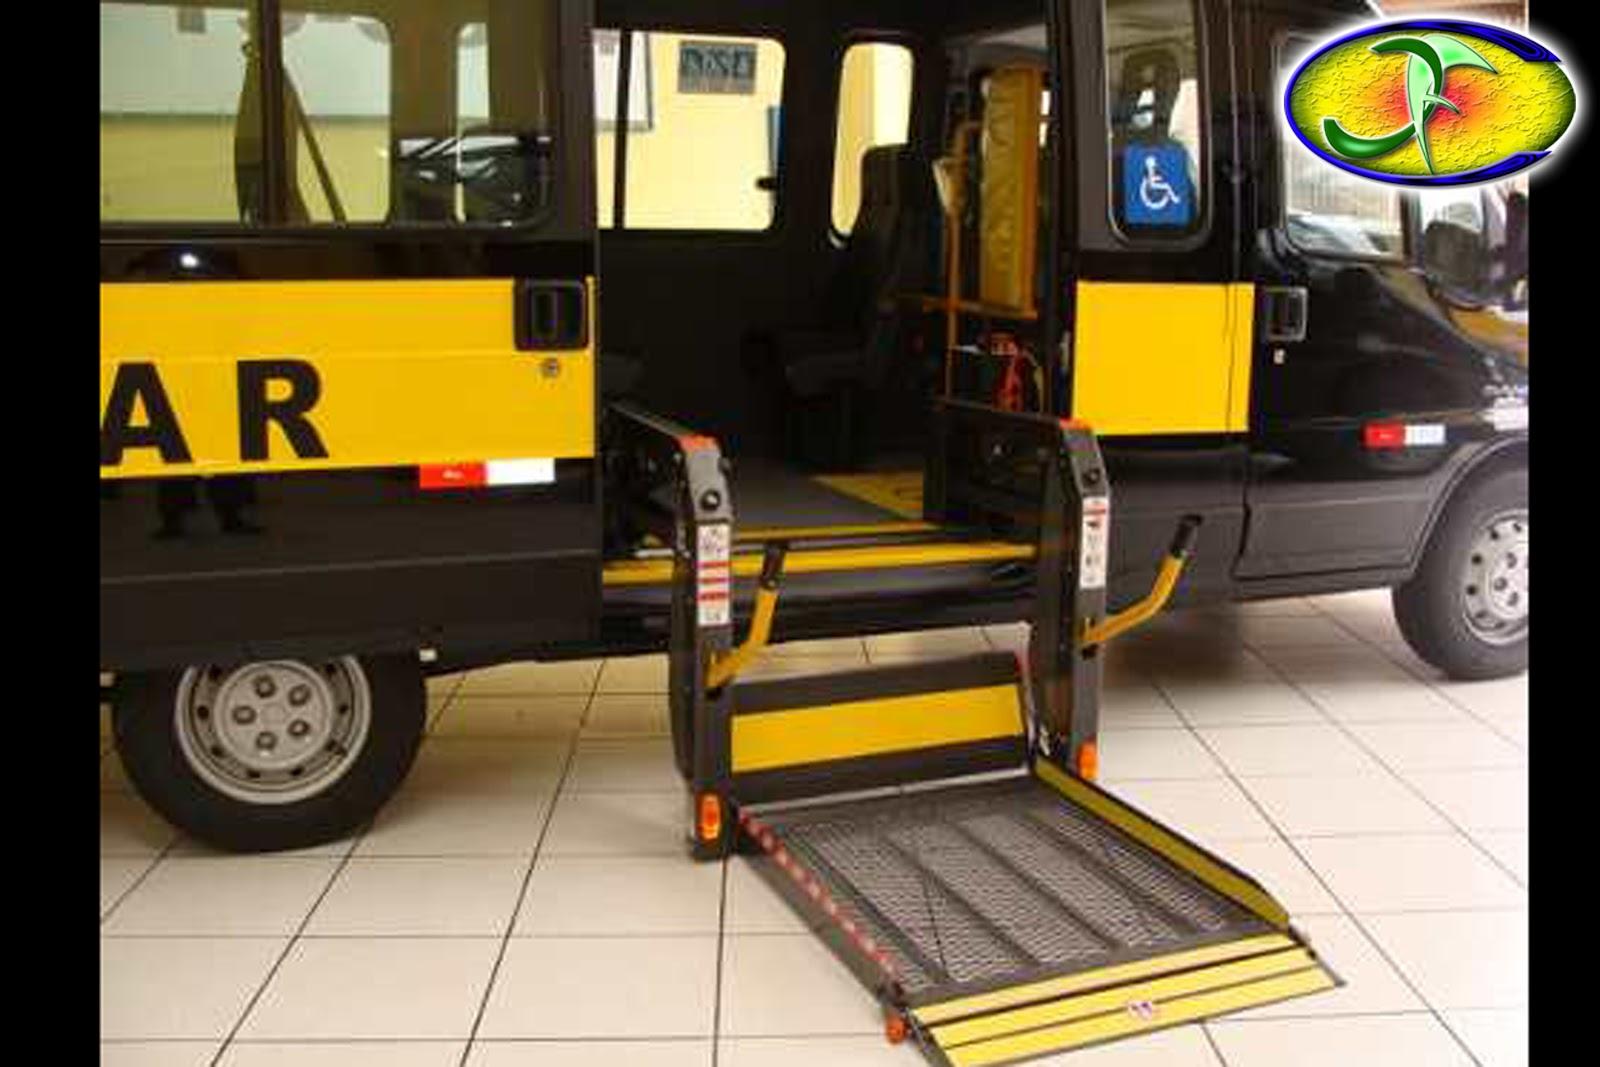 Um ônibus adaptado corretamente para deficientes cadeirantes #C49D07 1600x1067 Banheiro Adaptado Cadeirante